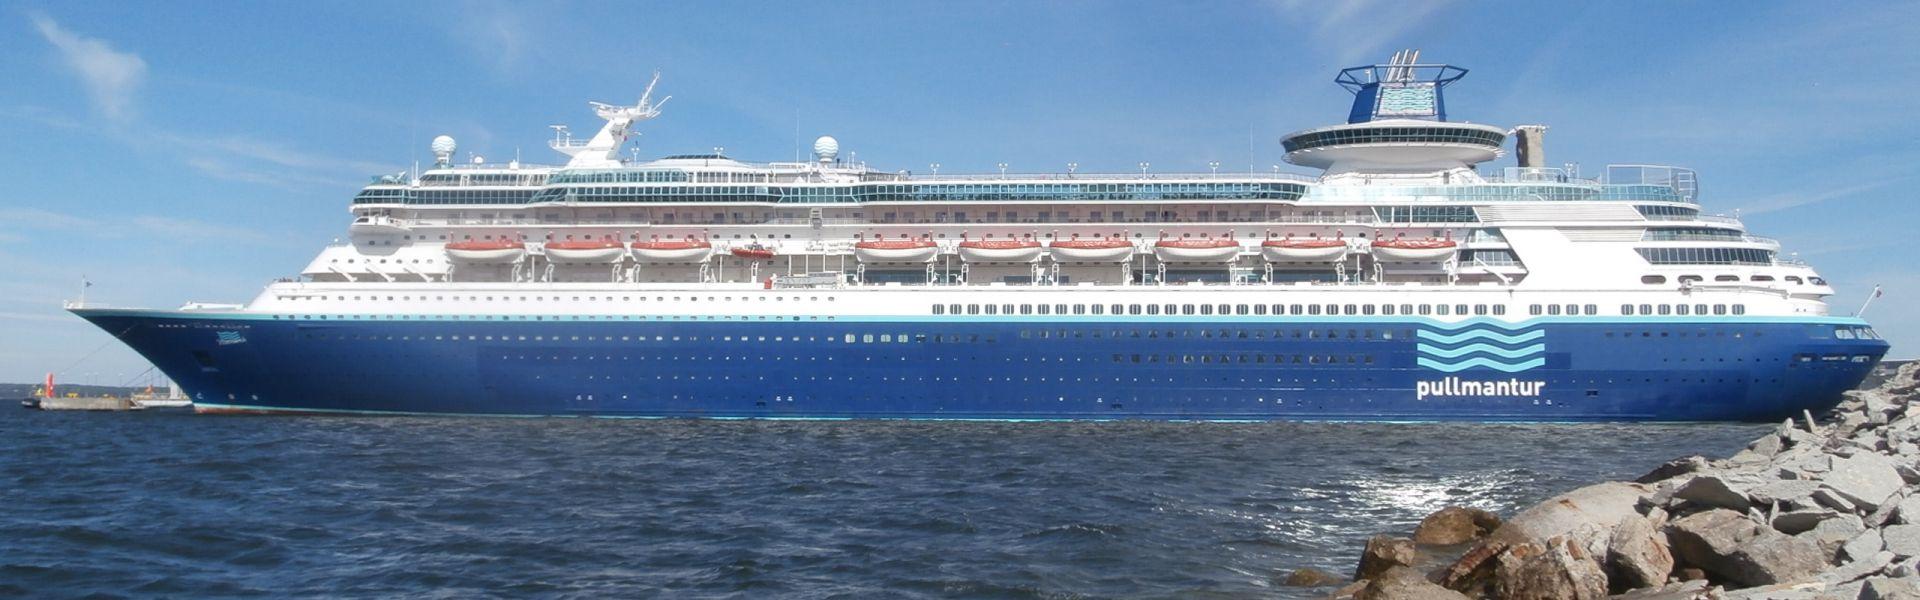 Croaziera 2019 - Caraibele de Sud si Antilele Olandeze (Curacao) - Pullmantur Cruises - Monarch - 7 nopti